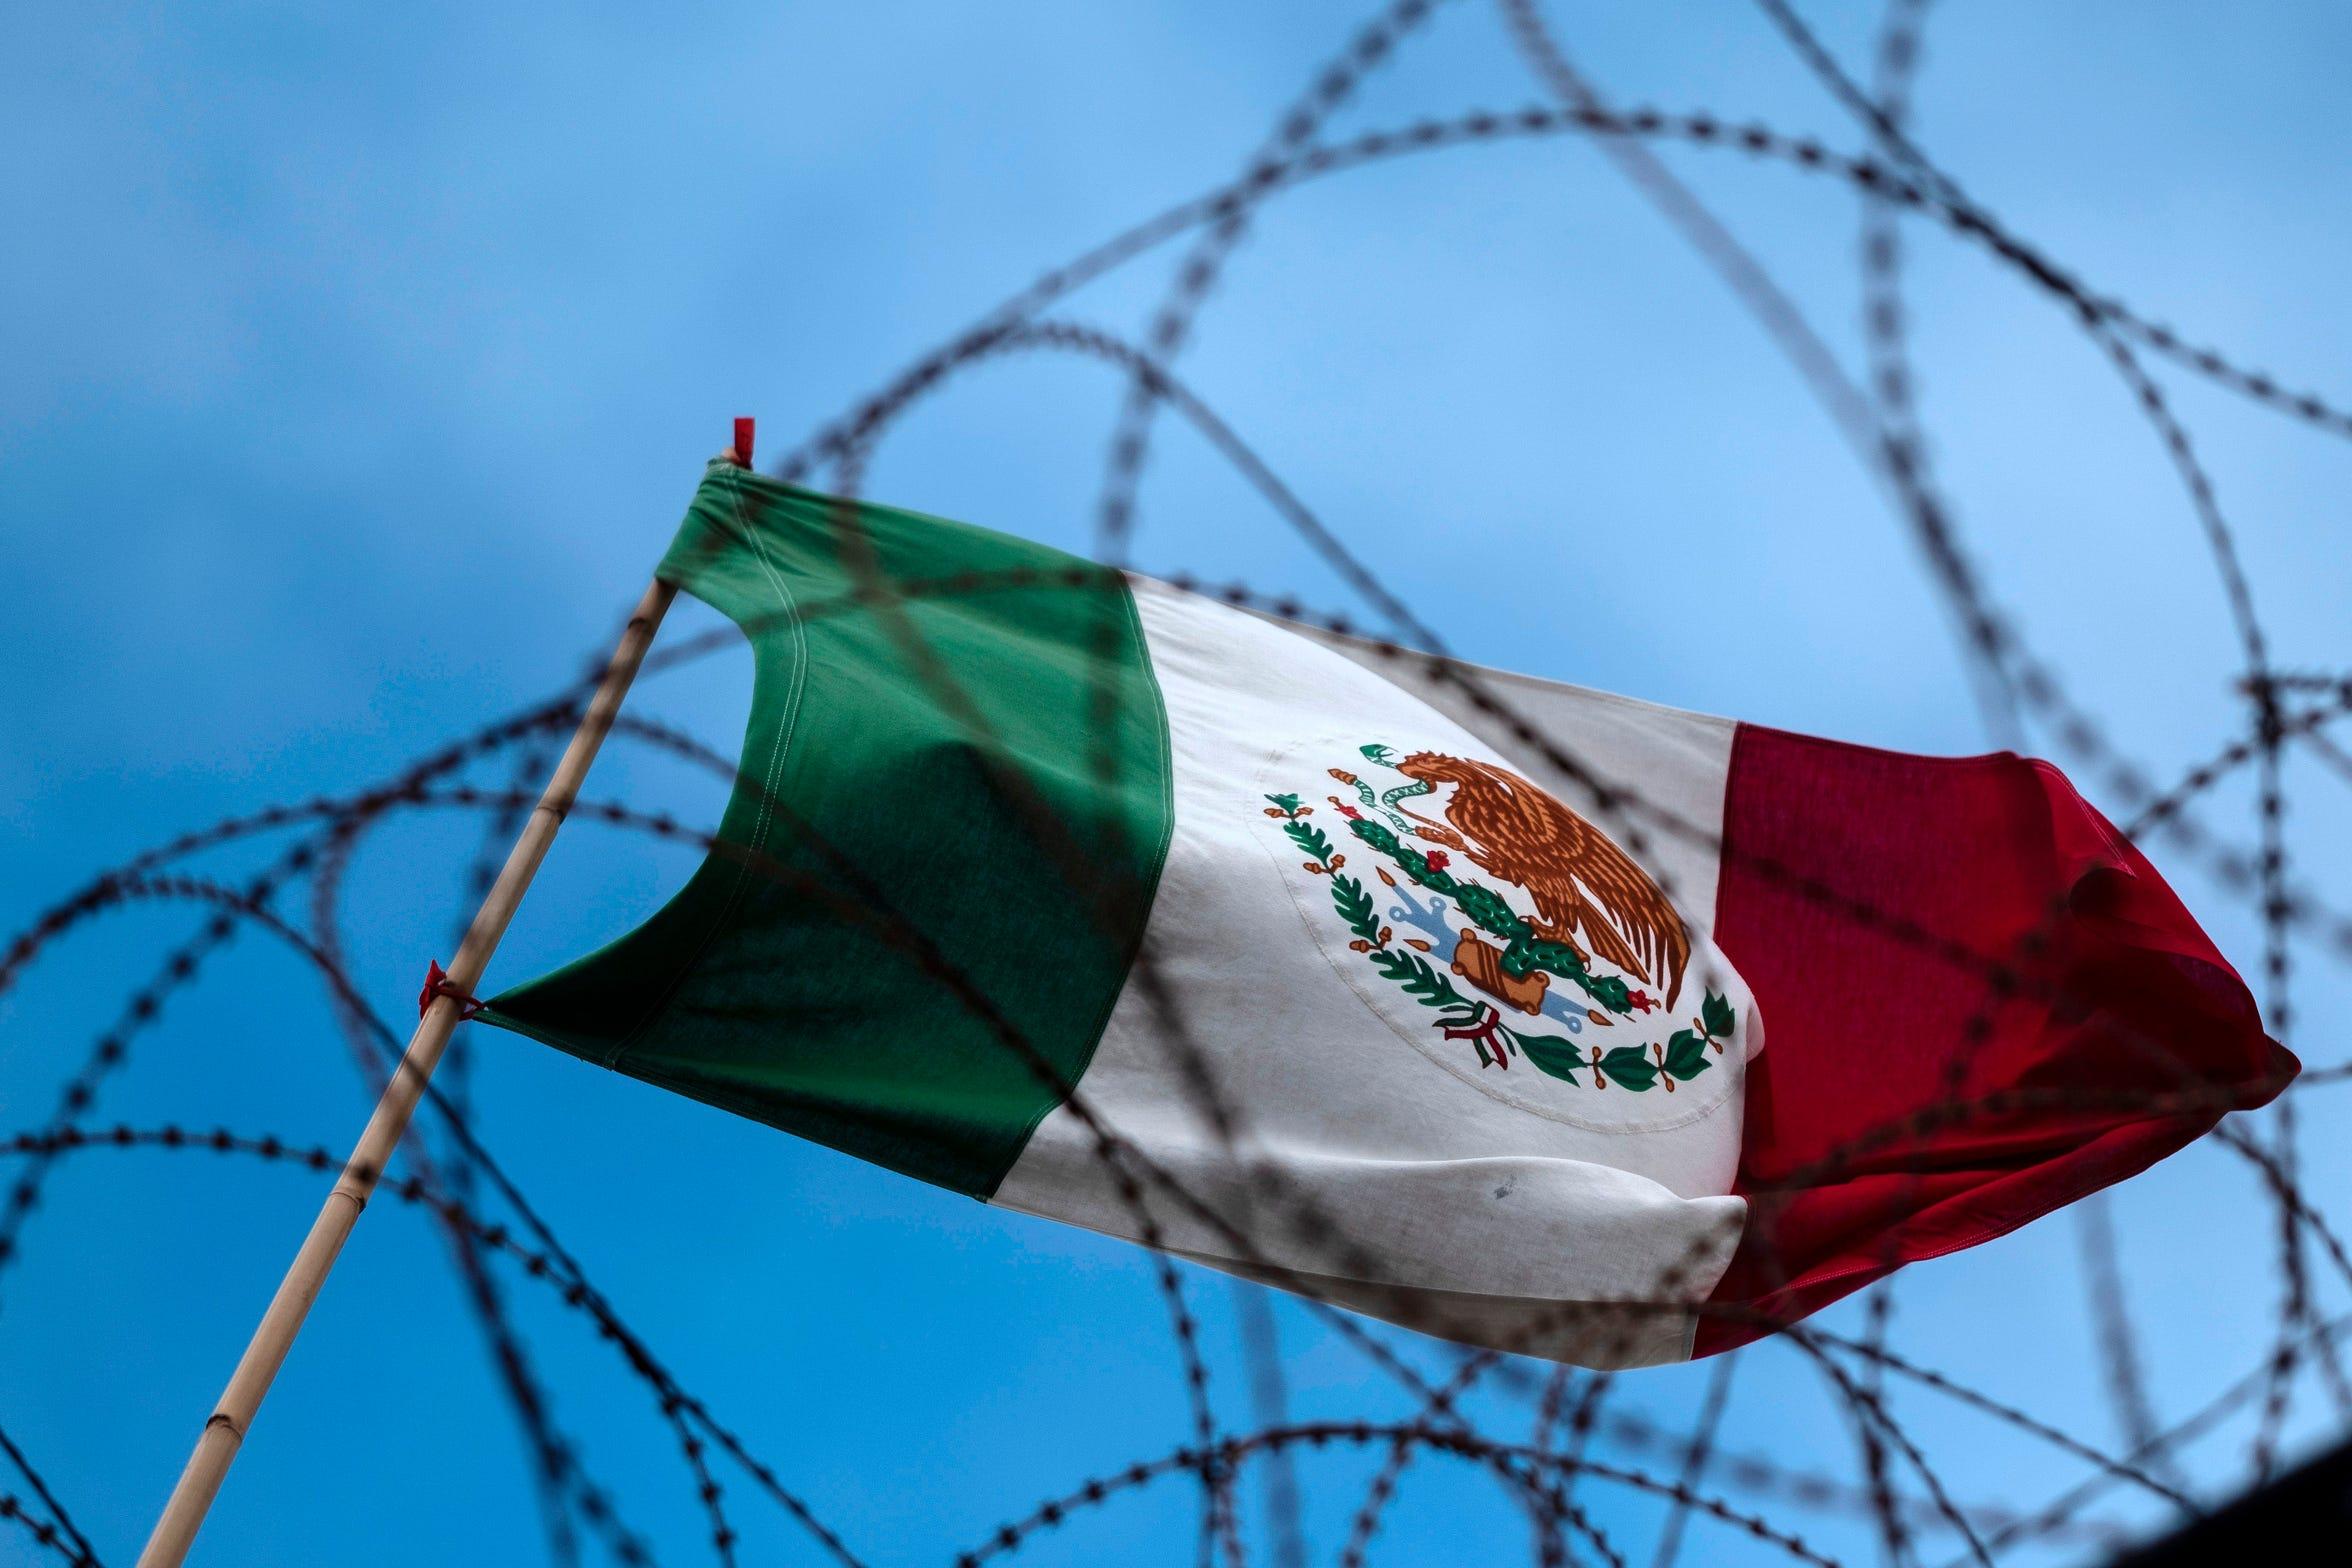 La bandera mexicana ondea del otro lado de la frontera.